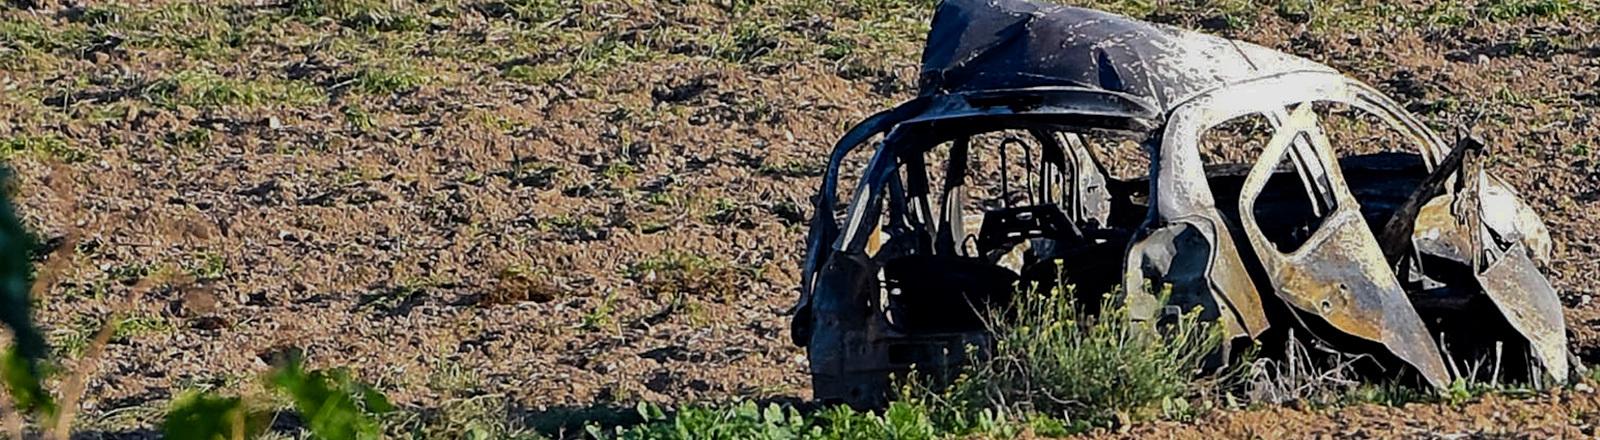 Ausgebranntes Auto auf Feld